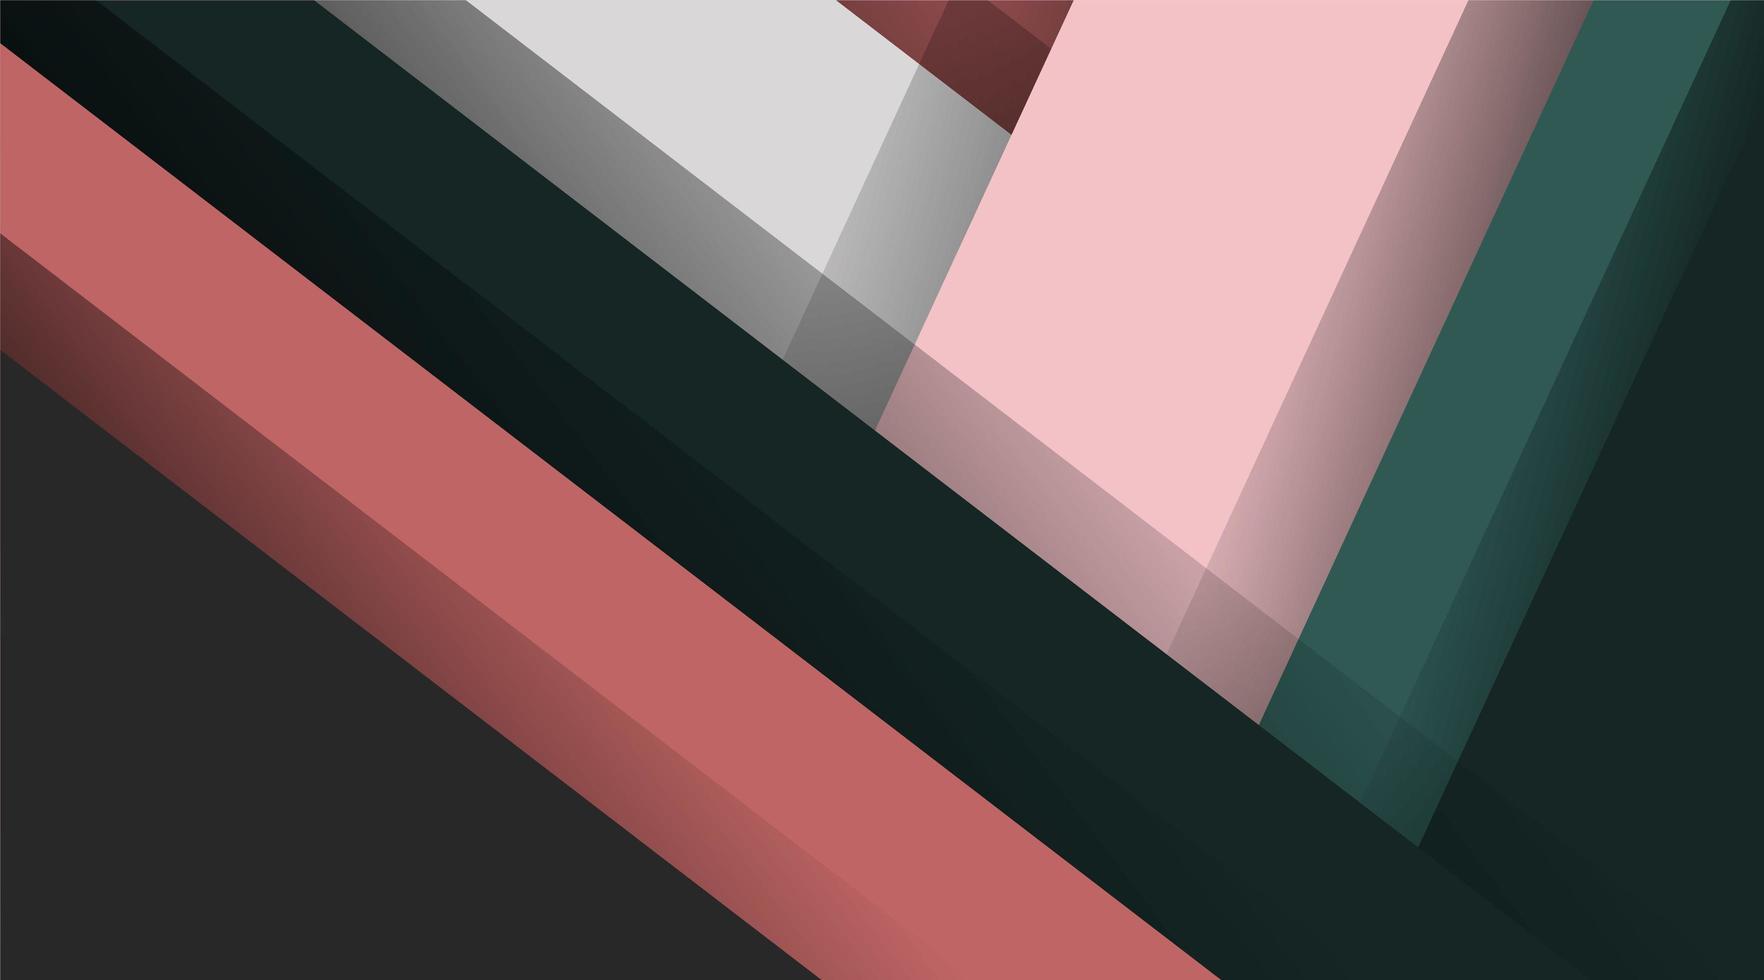 moderner Materialdesignhintergrund des abstrakten Vektors. überlappende Formen vektor